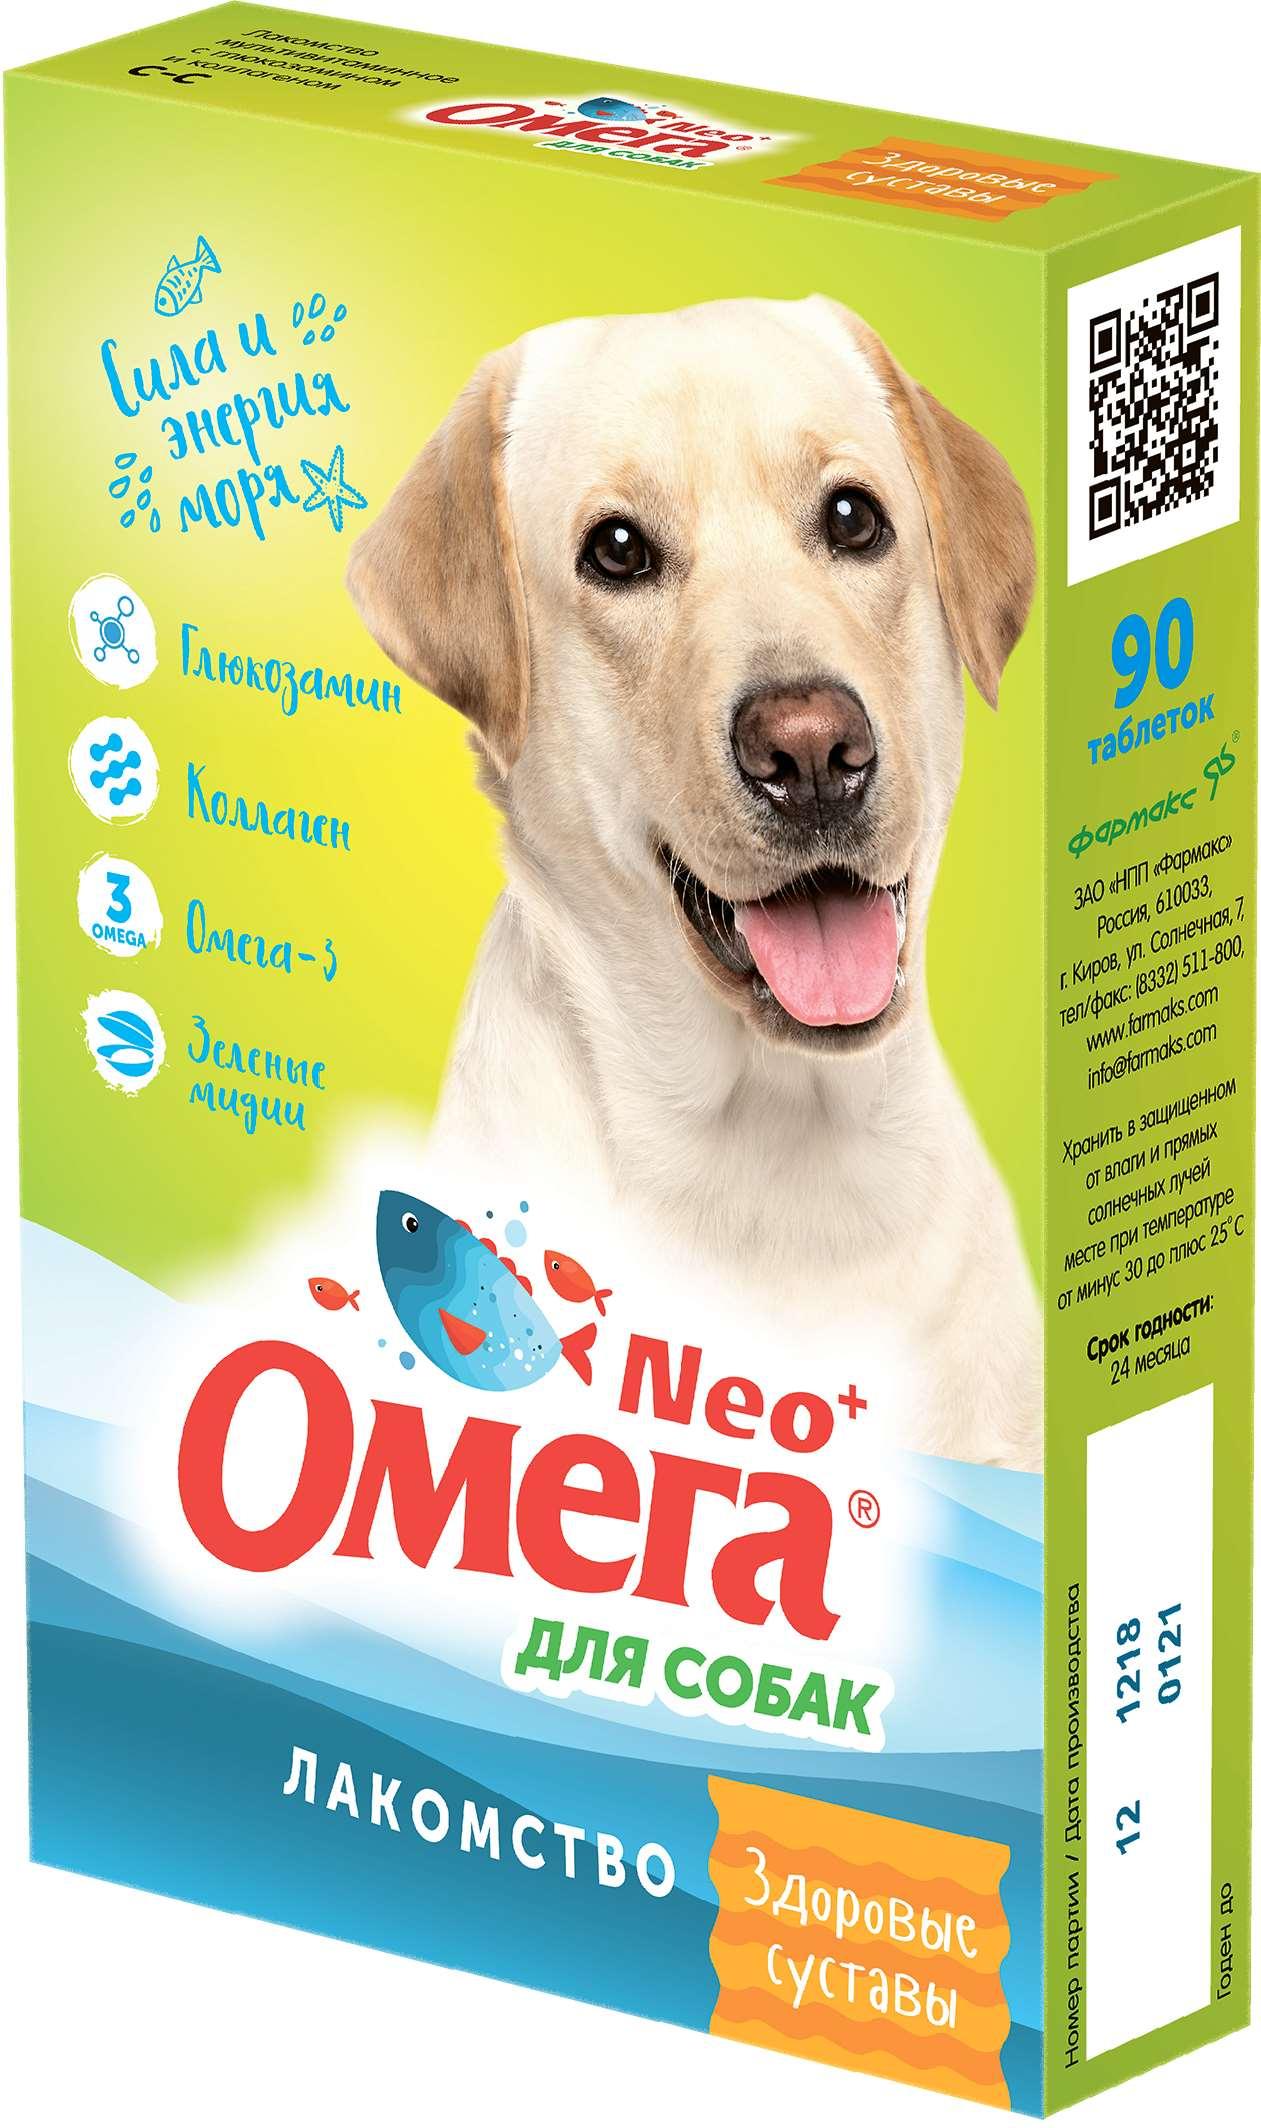 Витаминный комплекс для собак Омега Neo+, Здоровые